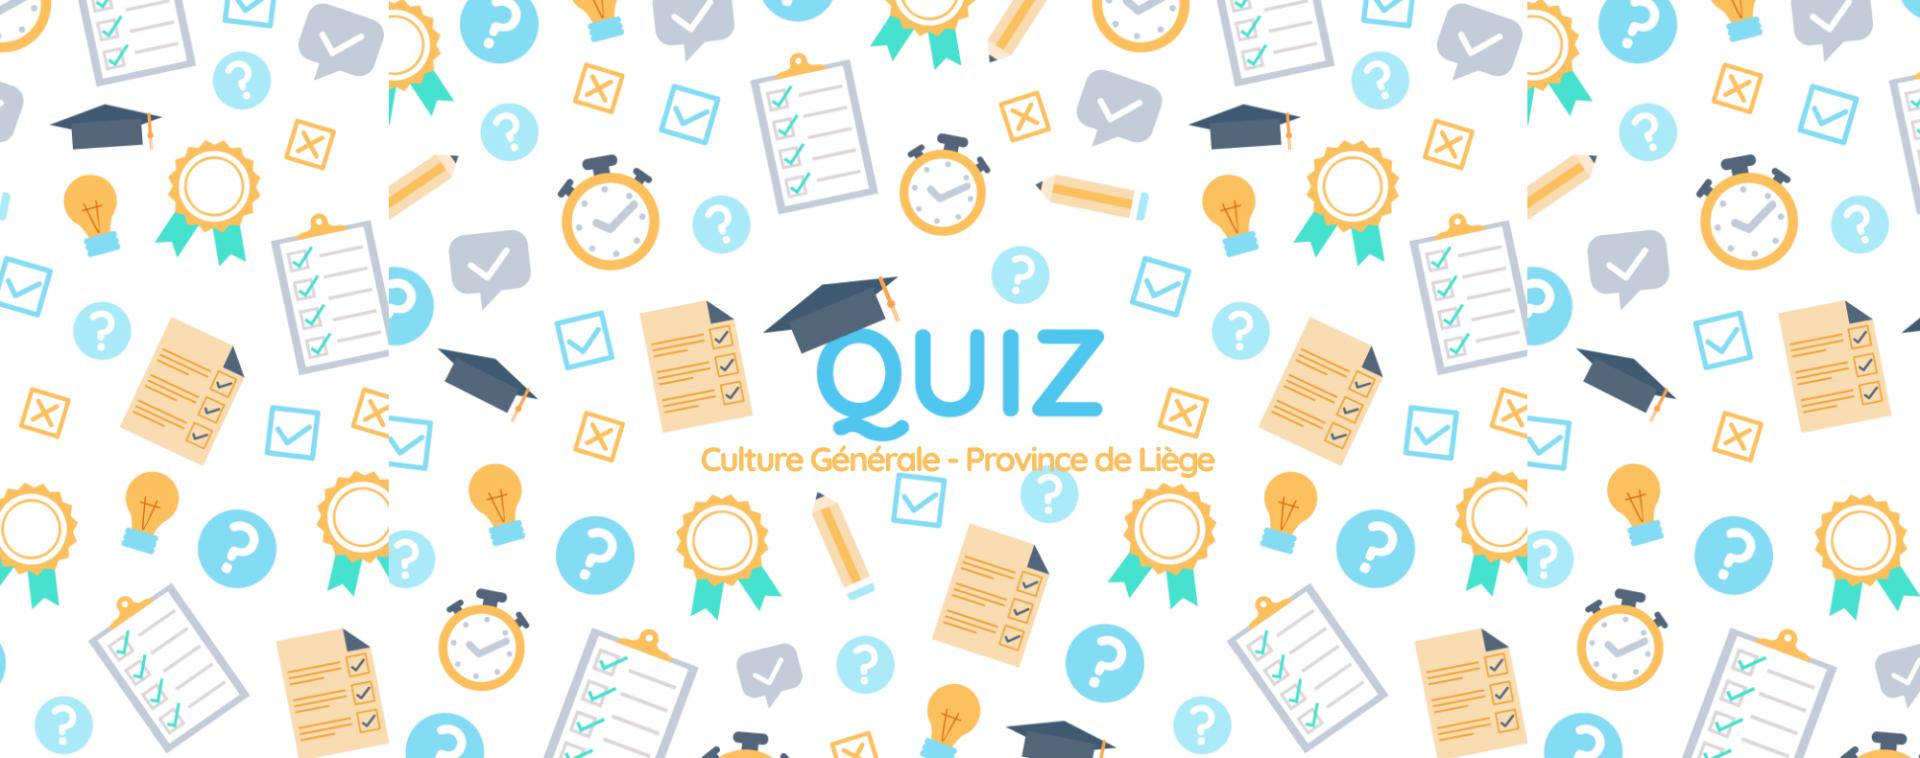 Quiz culture générale sur la Province de Liège   © Pixabay